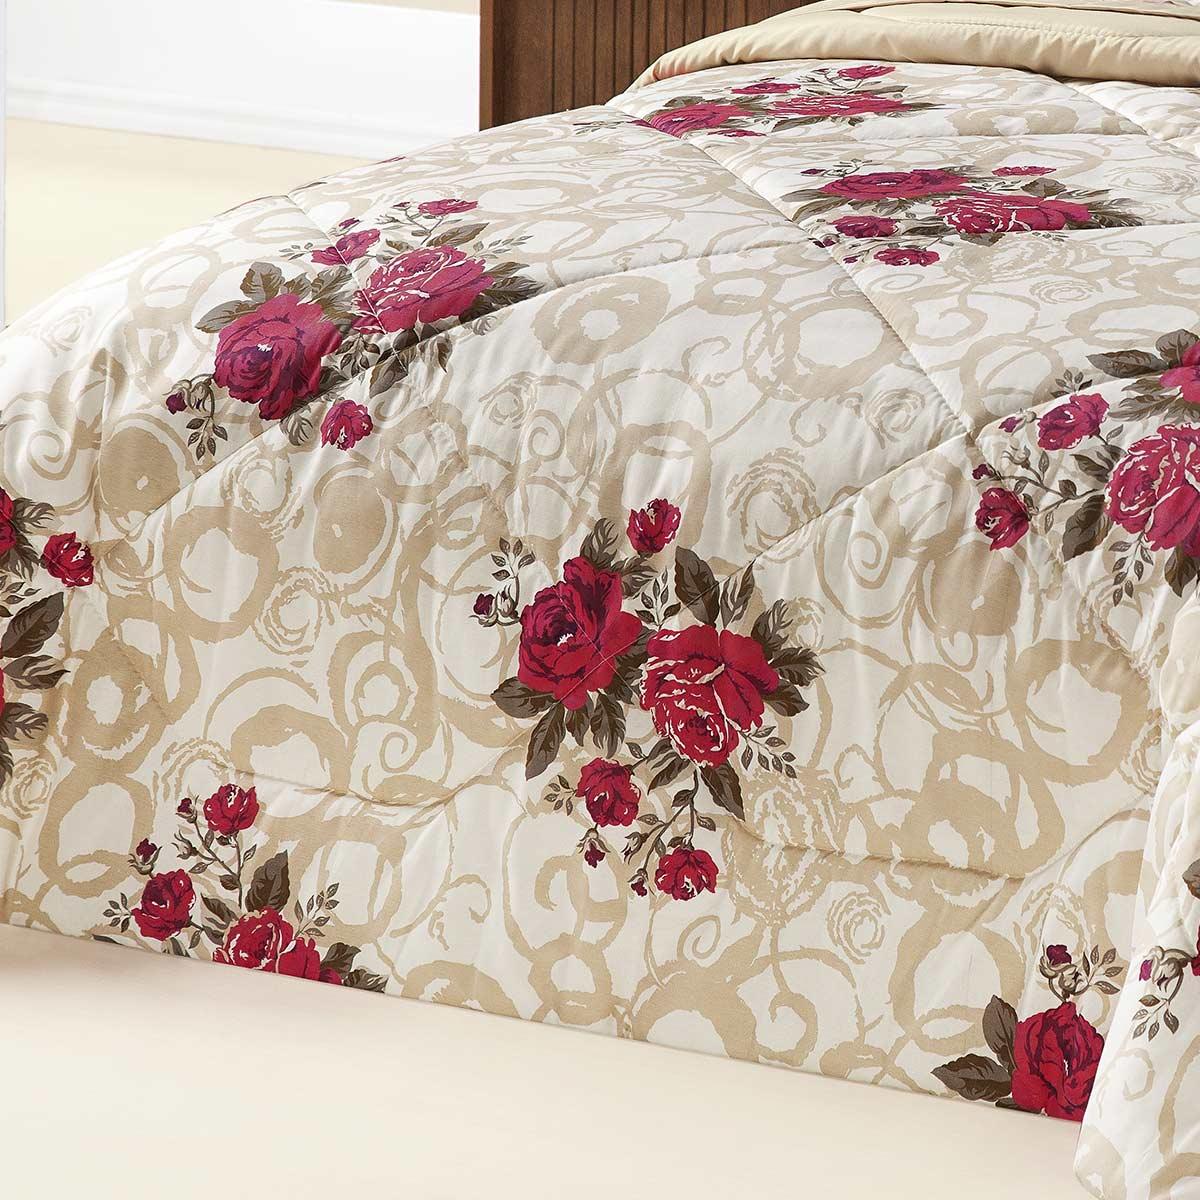 Edredom Queen Murano Bouquet Vermelho Flores Vermelhas com 3 peças